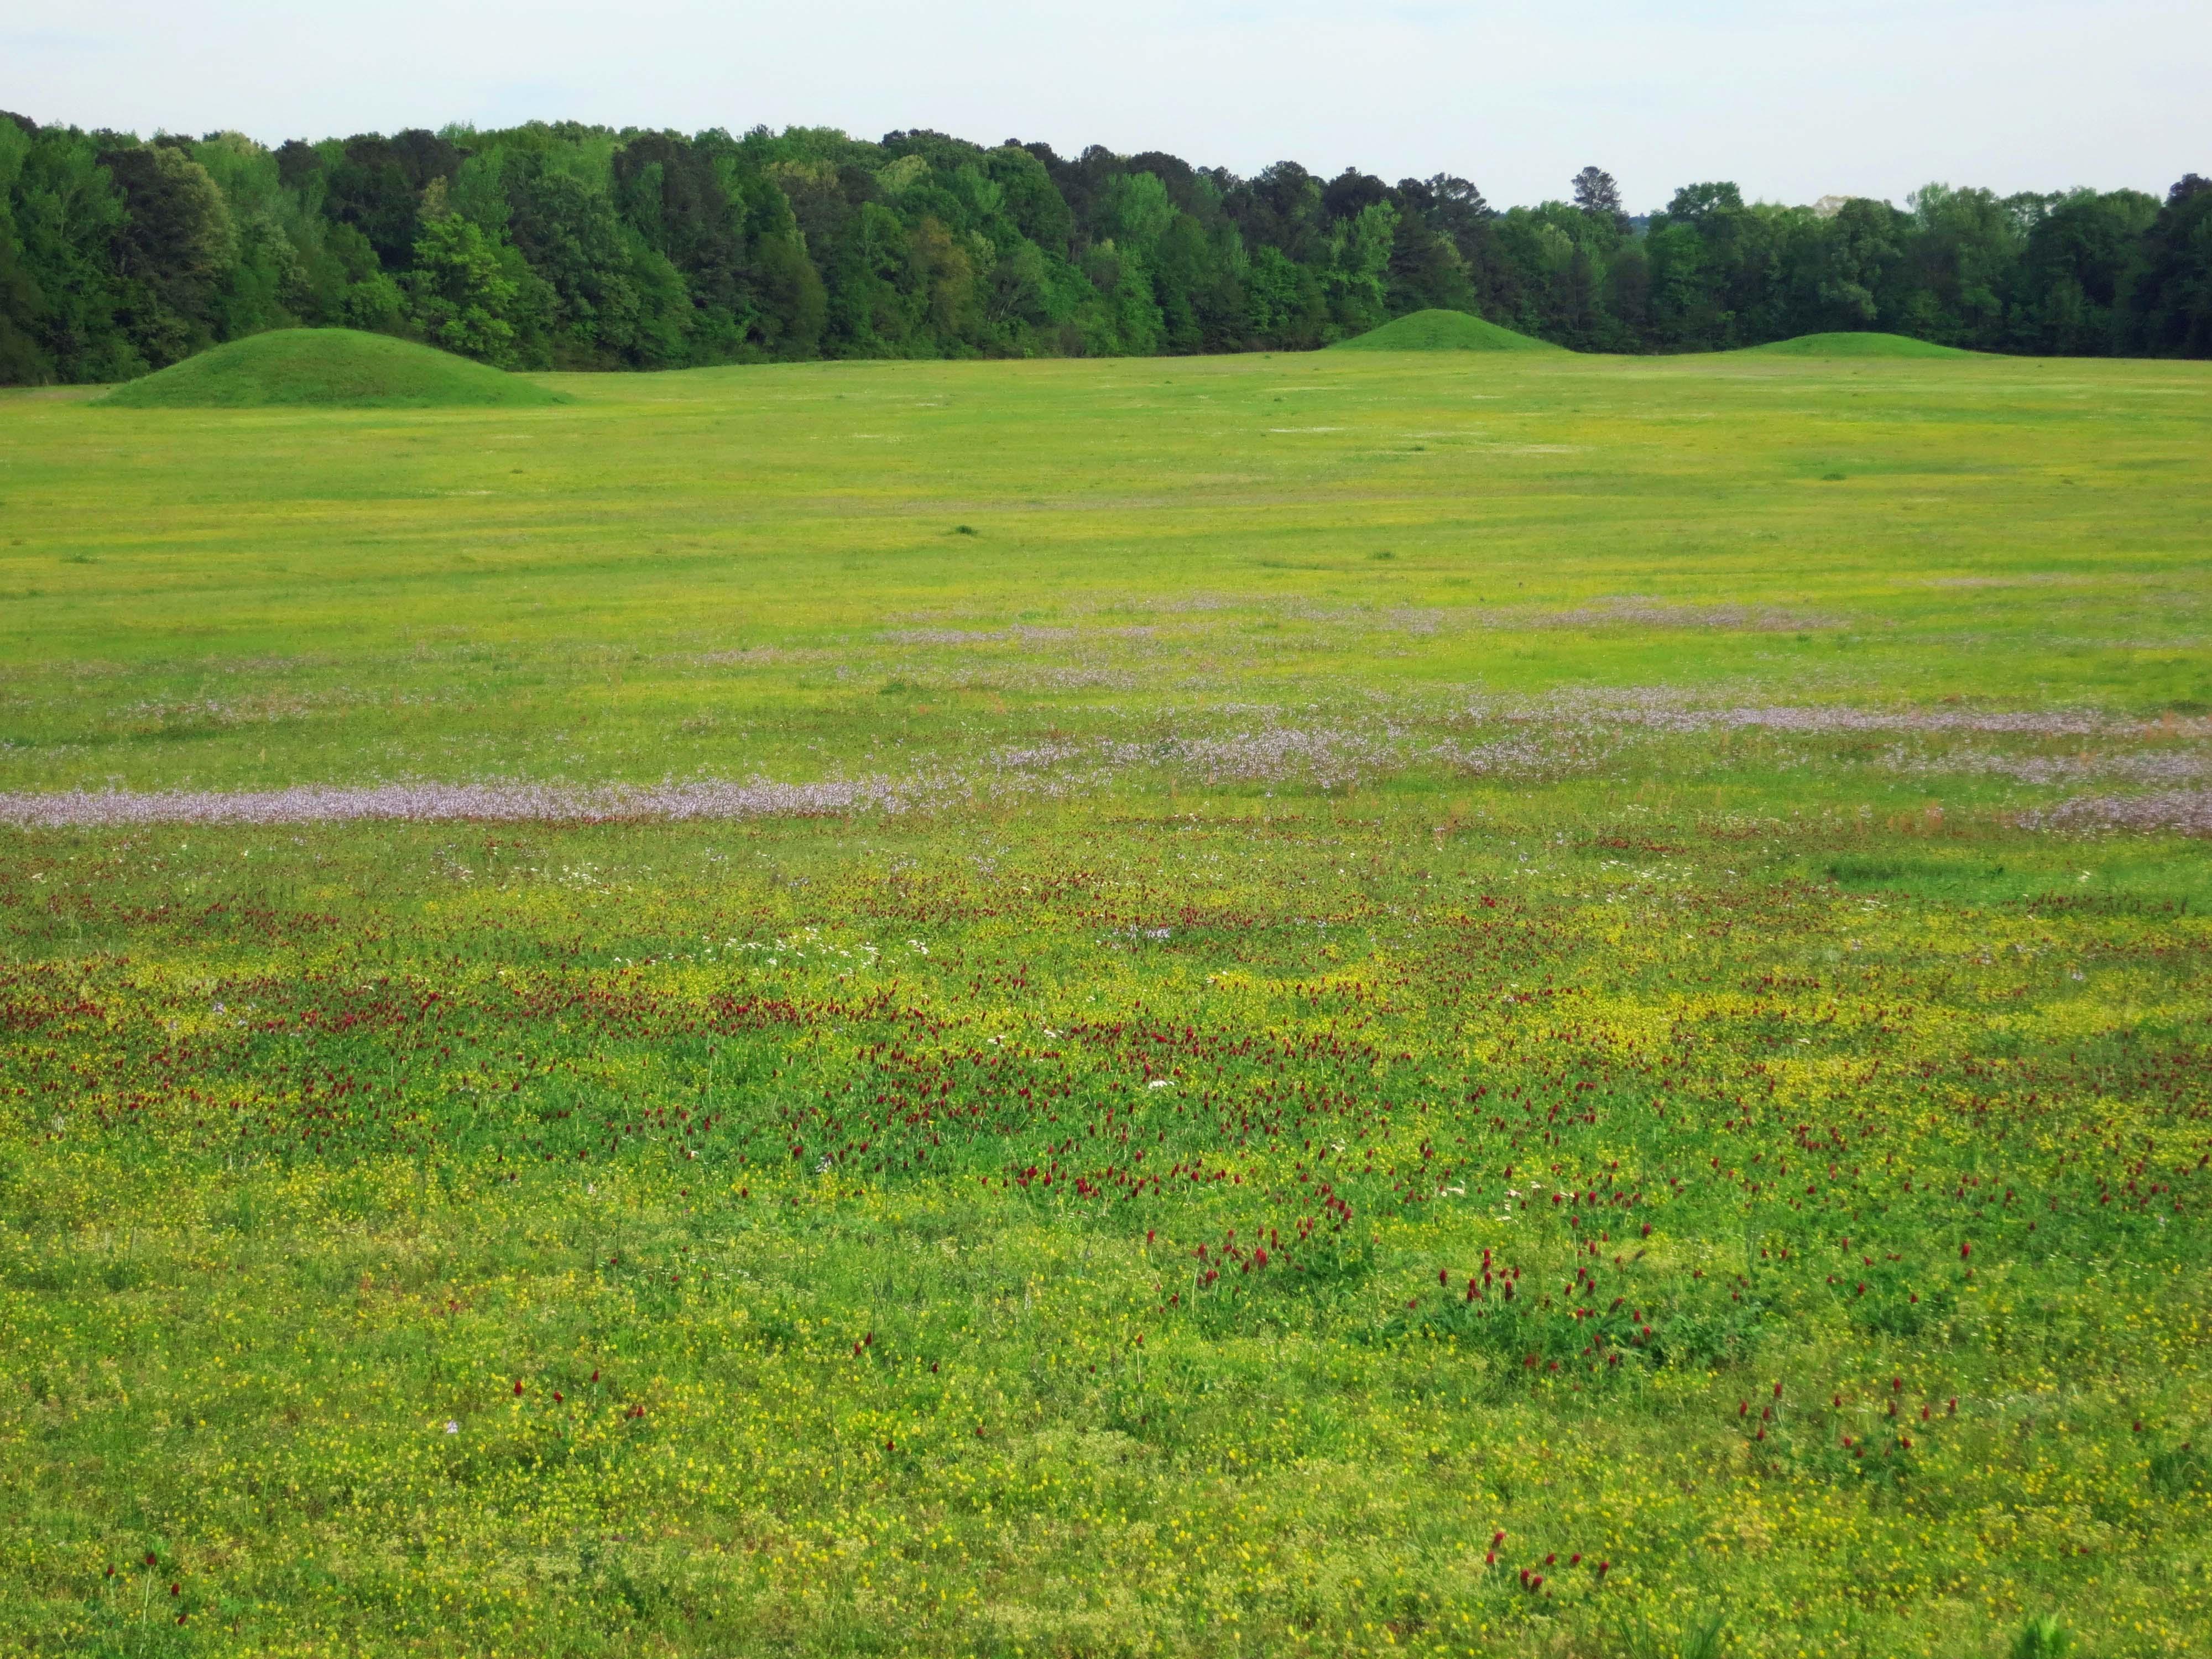 Indian Burial Mounds Stock Photos & Indian Burial Mounds Stock ...